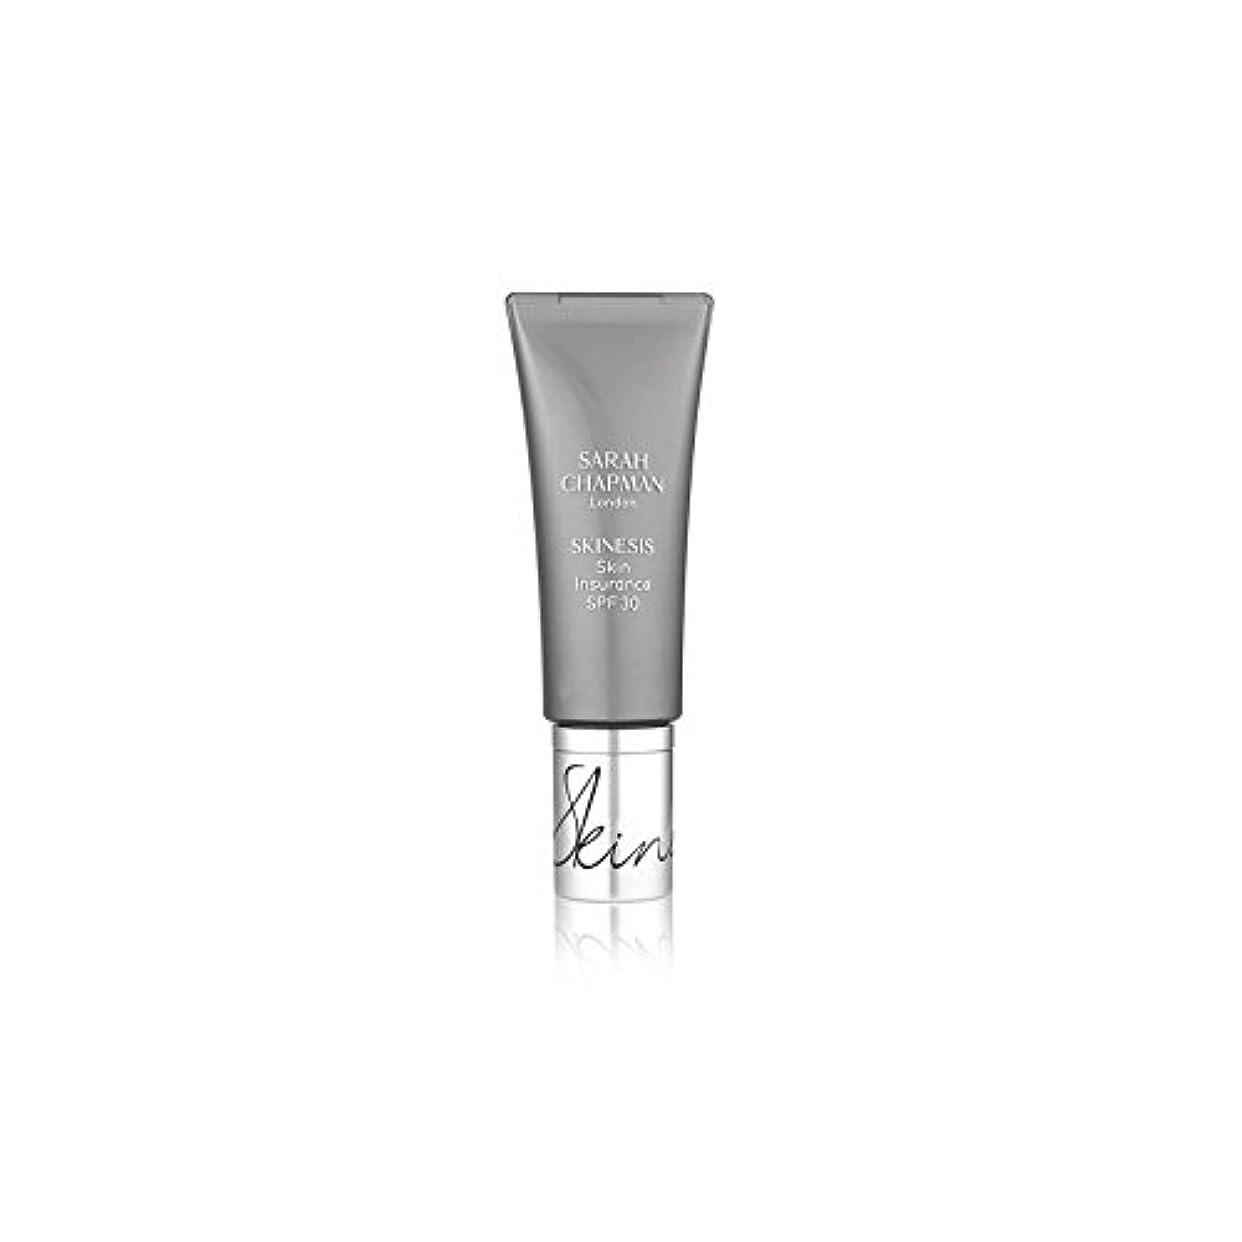 徴収臨検船Sarah Chapman Skinesis Skin Insurance Spf 30 (30ml) (Pack of 6) - サラ?チャップマン皮膚保険 30(30ミリリットル) x6 [並行輸入品]